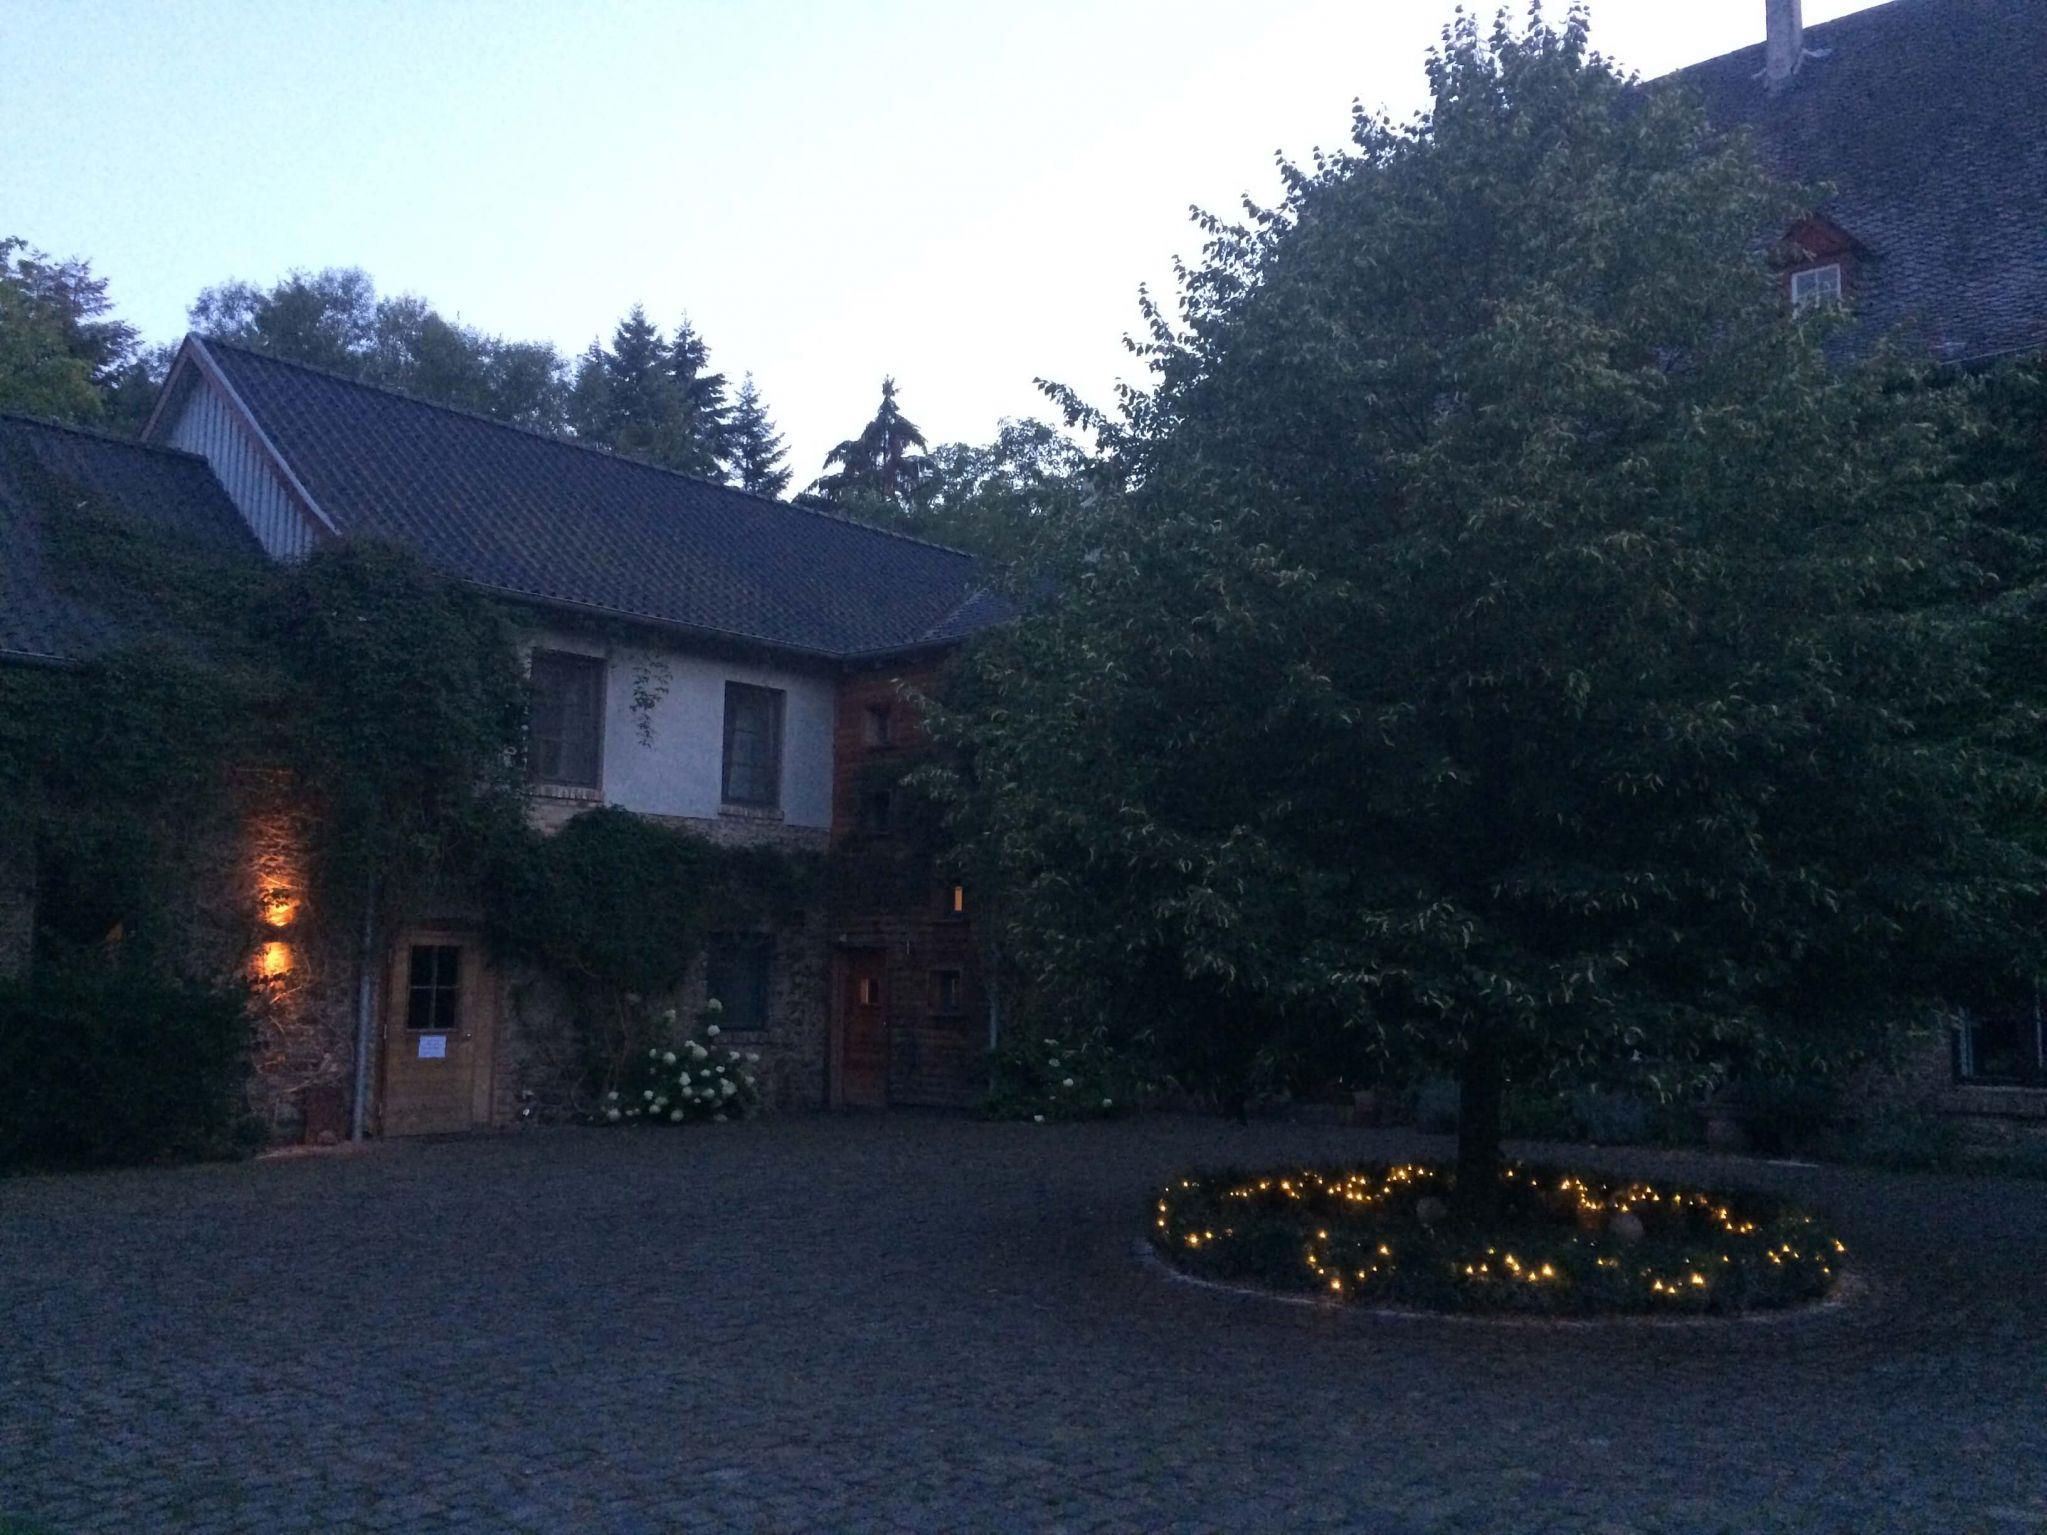 Abendstimmung-Kloster-Schweinheim-wandern&achtsamkeit